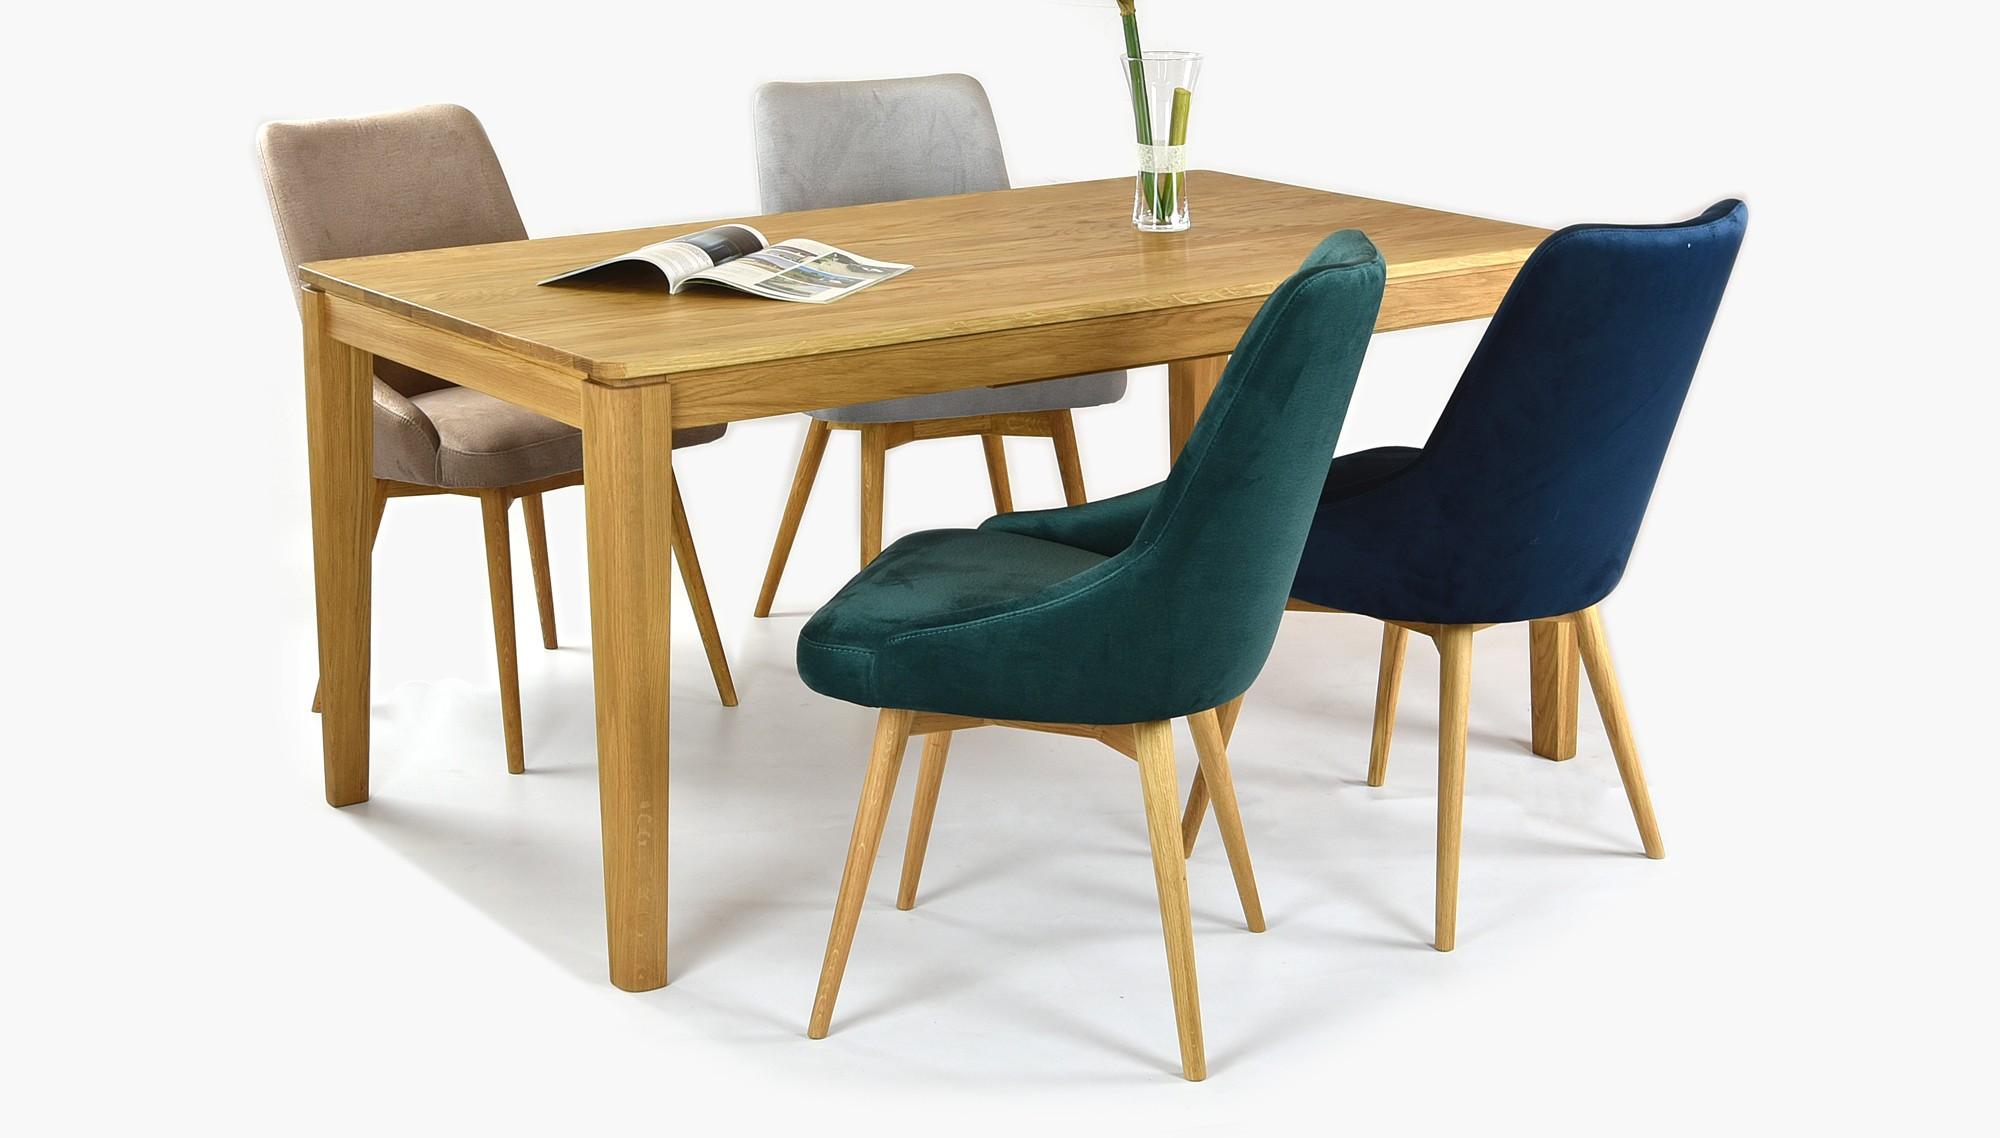 8682528fbf Luxusný dubový stôl rozkladací + zamatové stoličky do jedálne ...